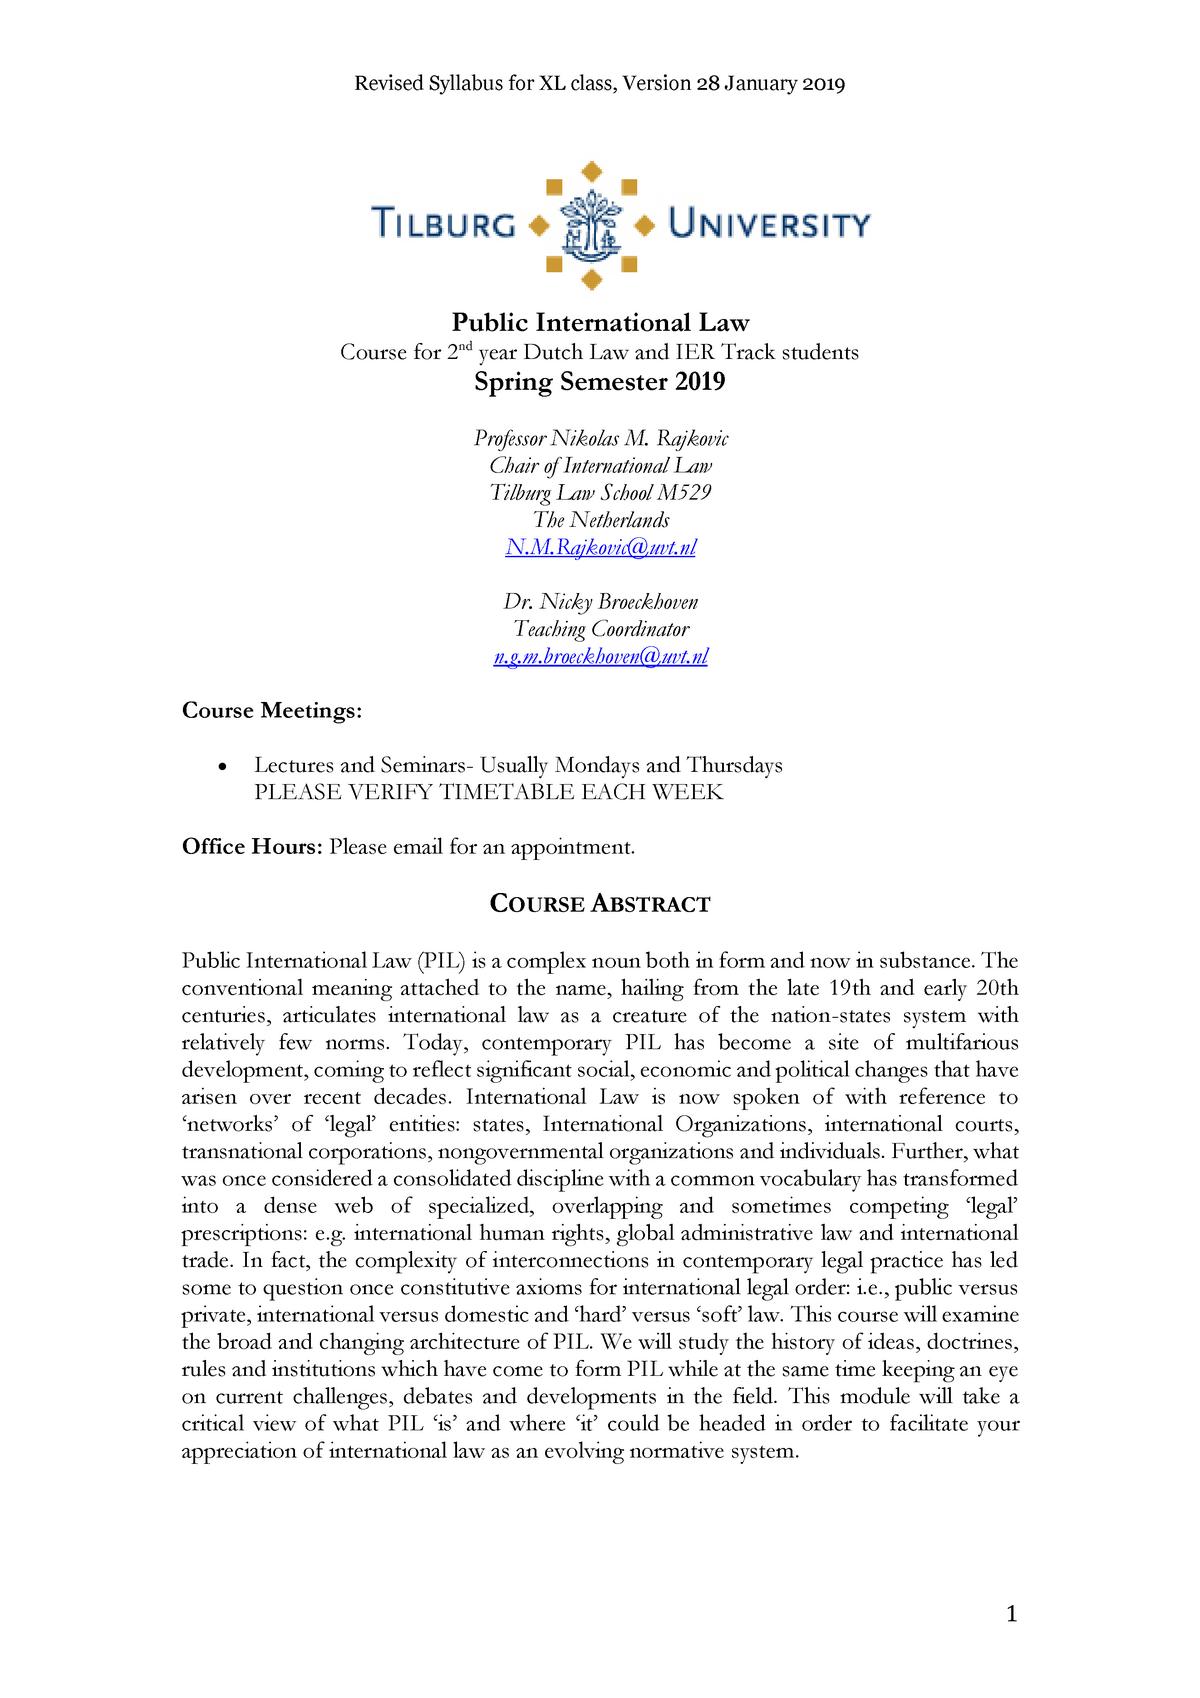 Public International Law LLB Syllabus 2019 - 620228